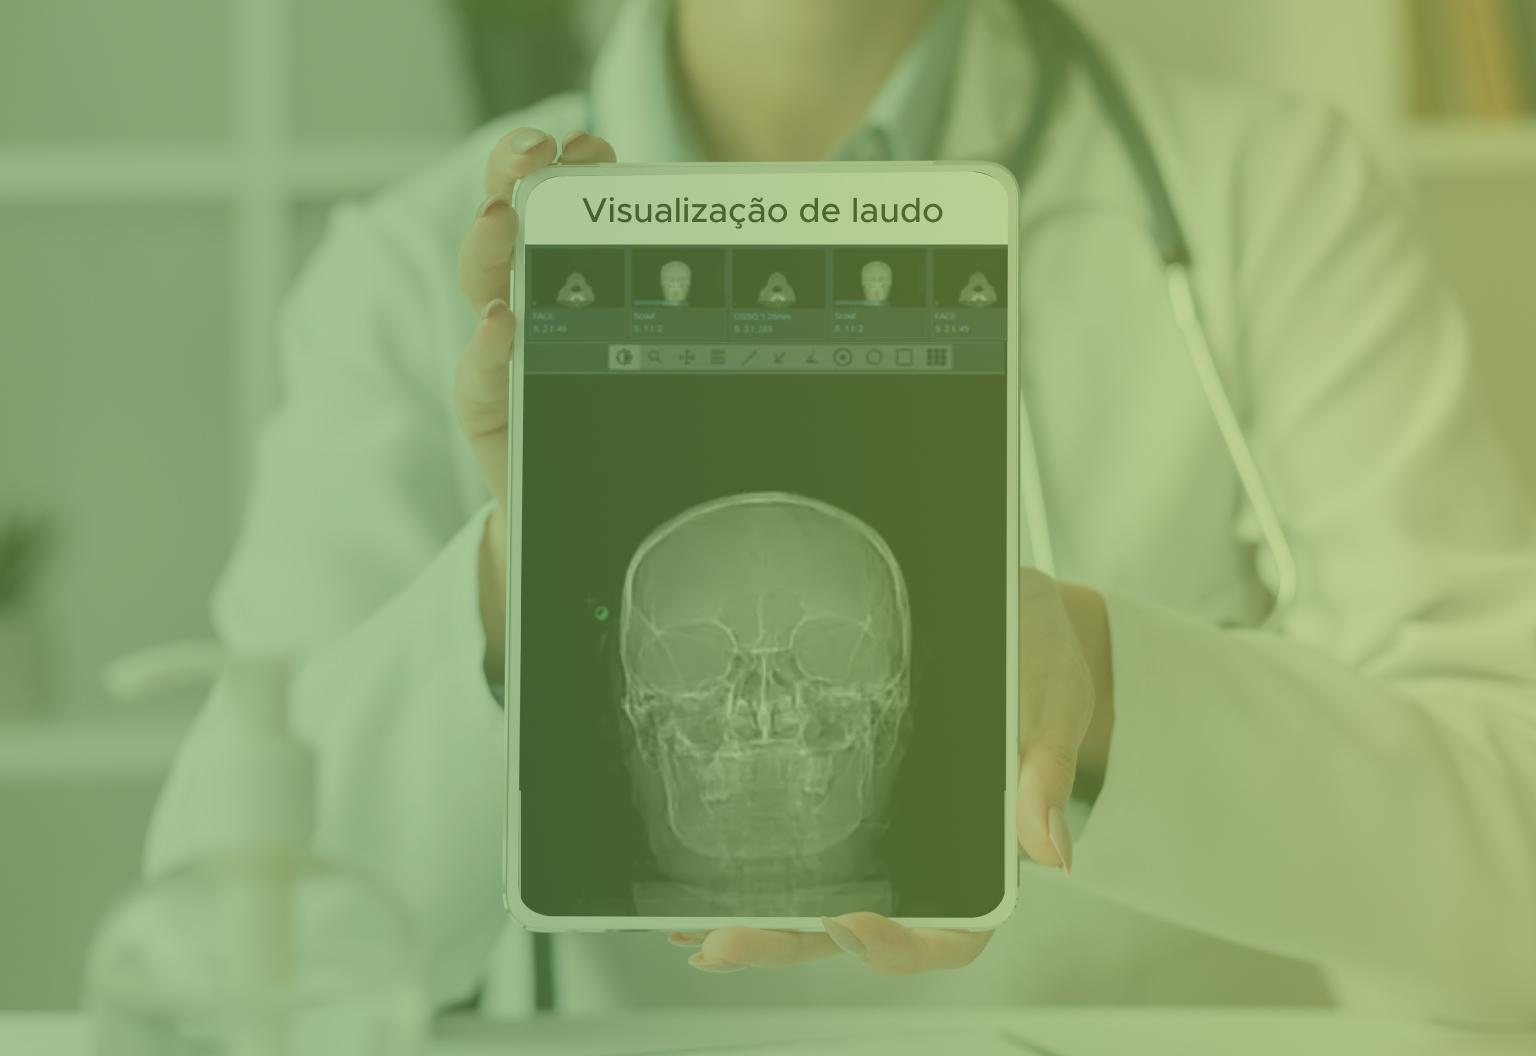 Laudo médico: o que é e como a tecnologia pode ajudar